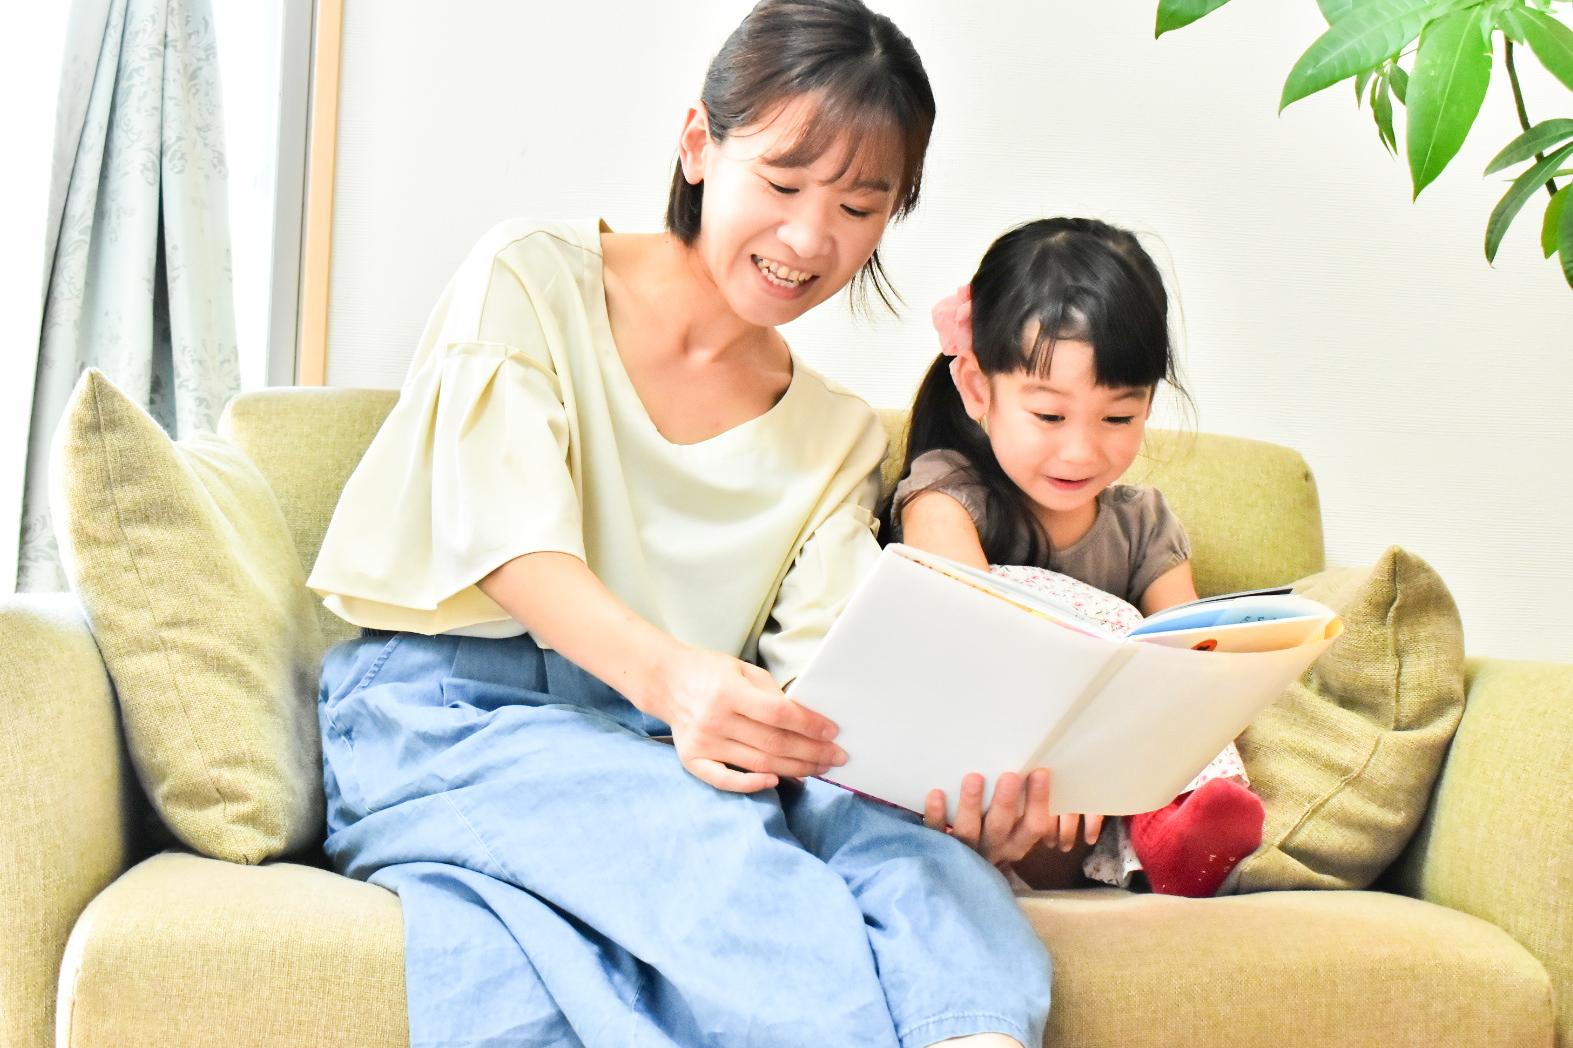 【あした、親子で読みたい本】初めての一人読みにおすすめな幼年童話 3選